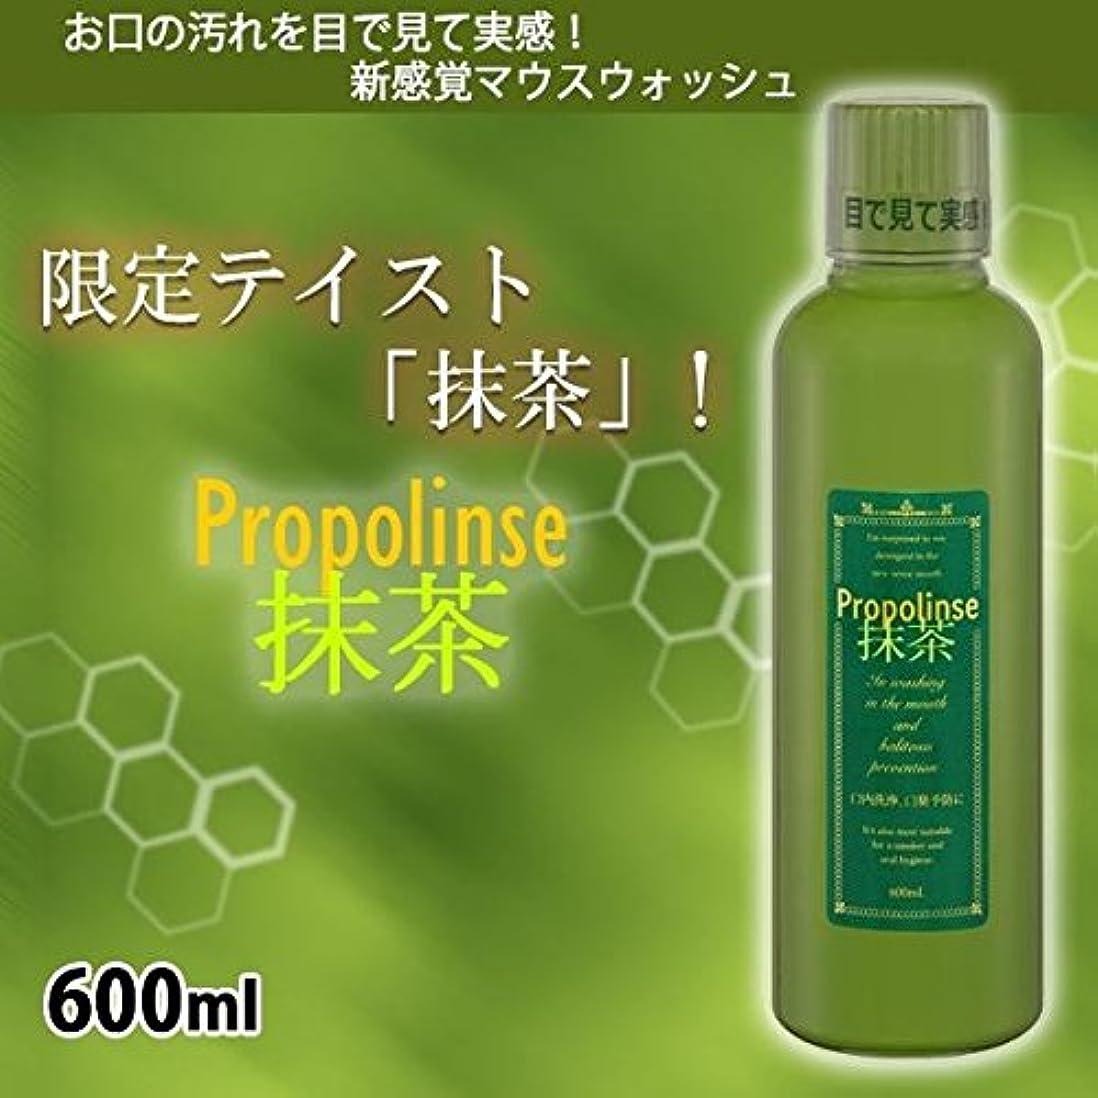 スリッパ気づくマーティンルーサーキングジュニアプロポリンス 抹茶 (マウスウォッシュ) 600ml